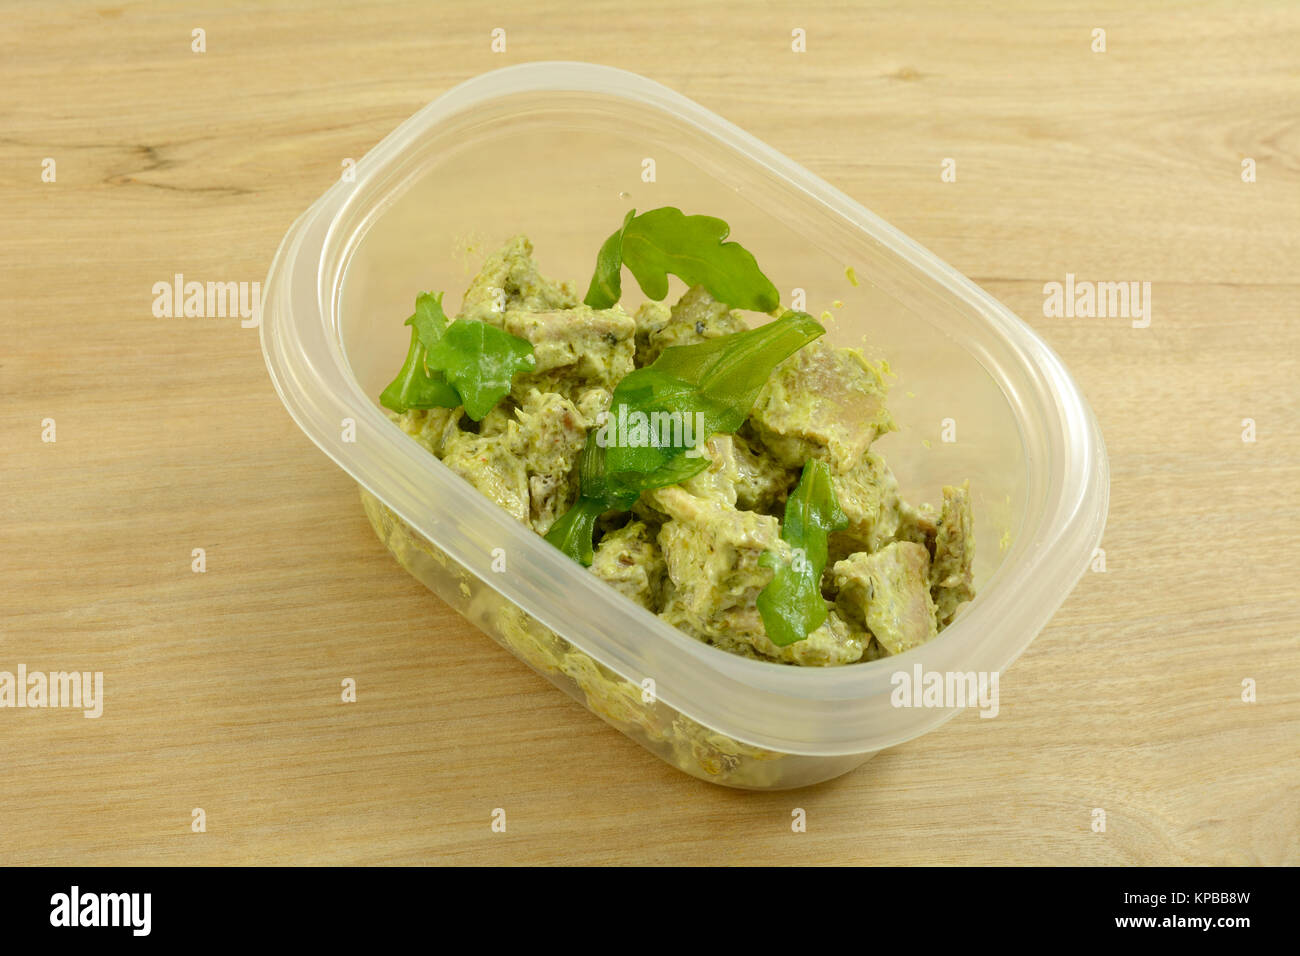 Pesto insalata di pollo confezionati in contenitore in plastica per il pranzo al lavoro o in movimento Immagini Stock